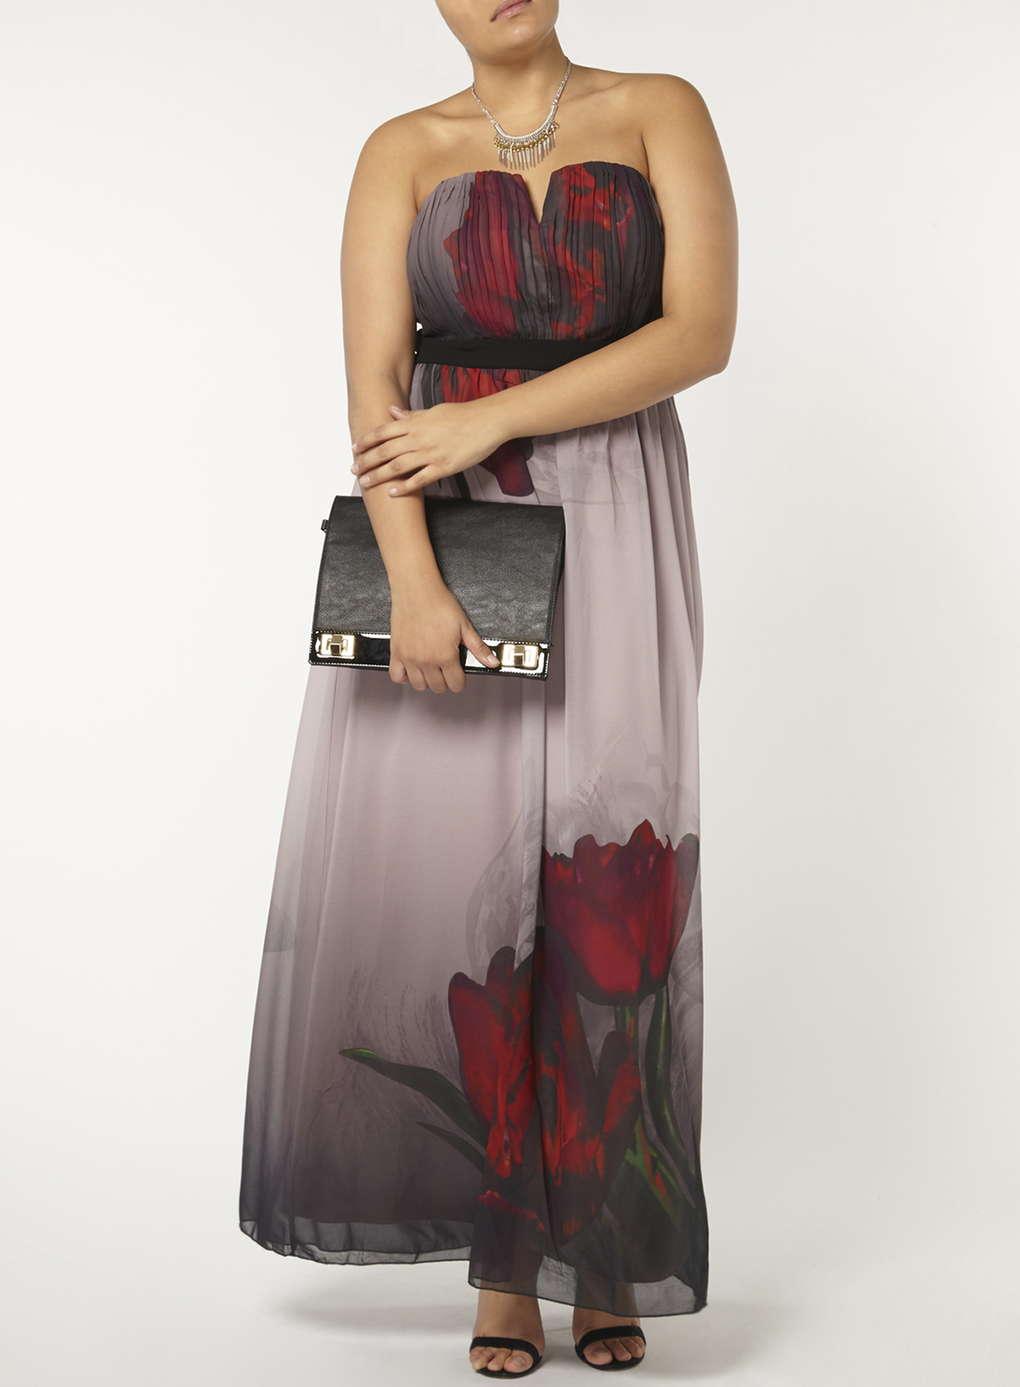 Büyük Beden Uzun Abiye Elbise Modelleri - Gece Elbiseleri - plus size dresses (27)